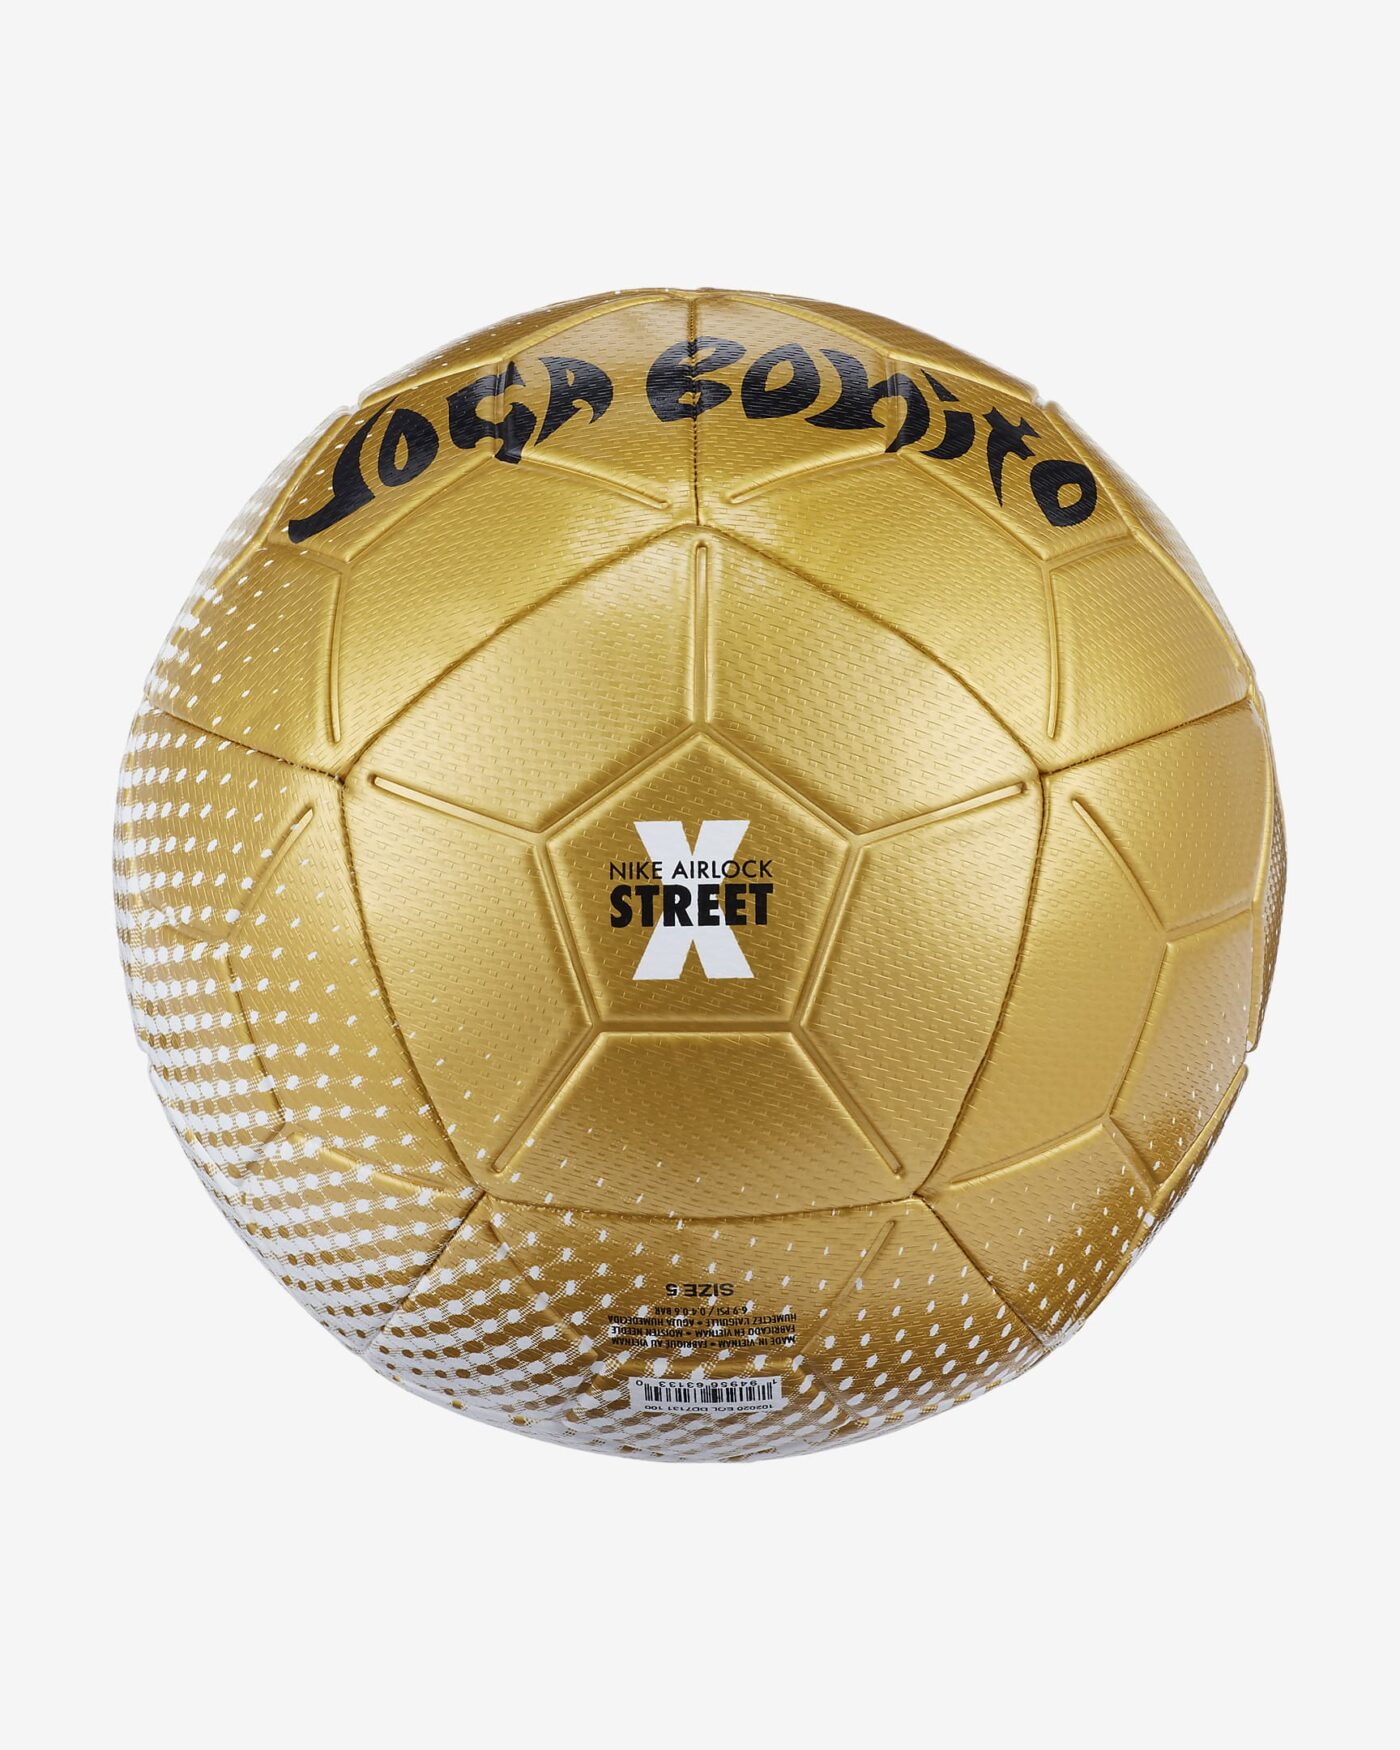 Ballon football Nike Joga Bonito